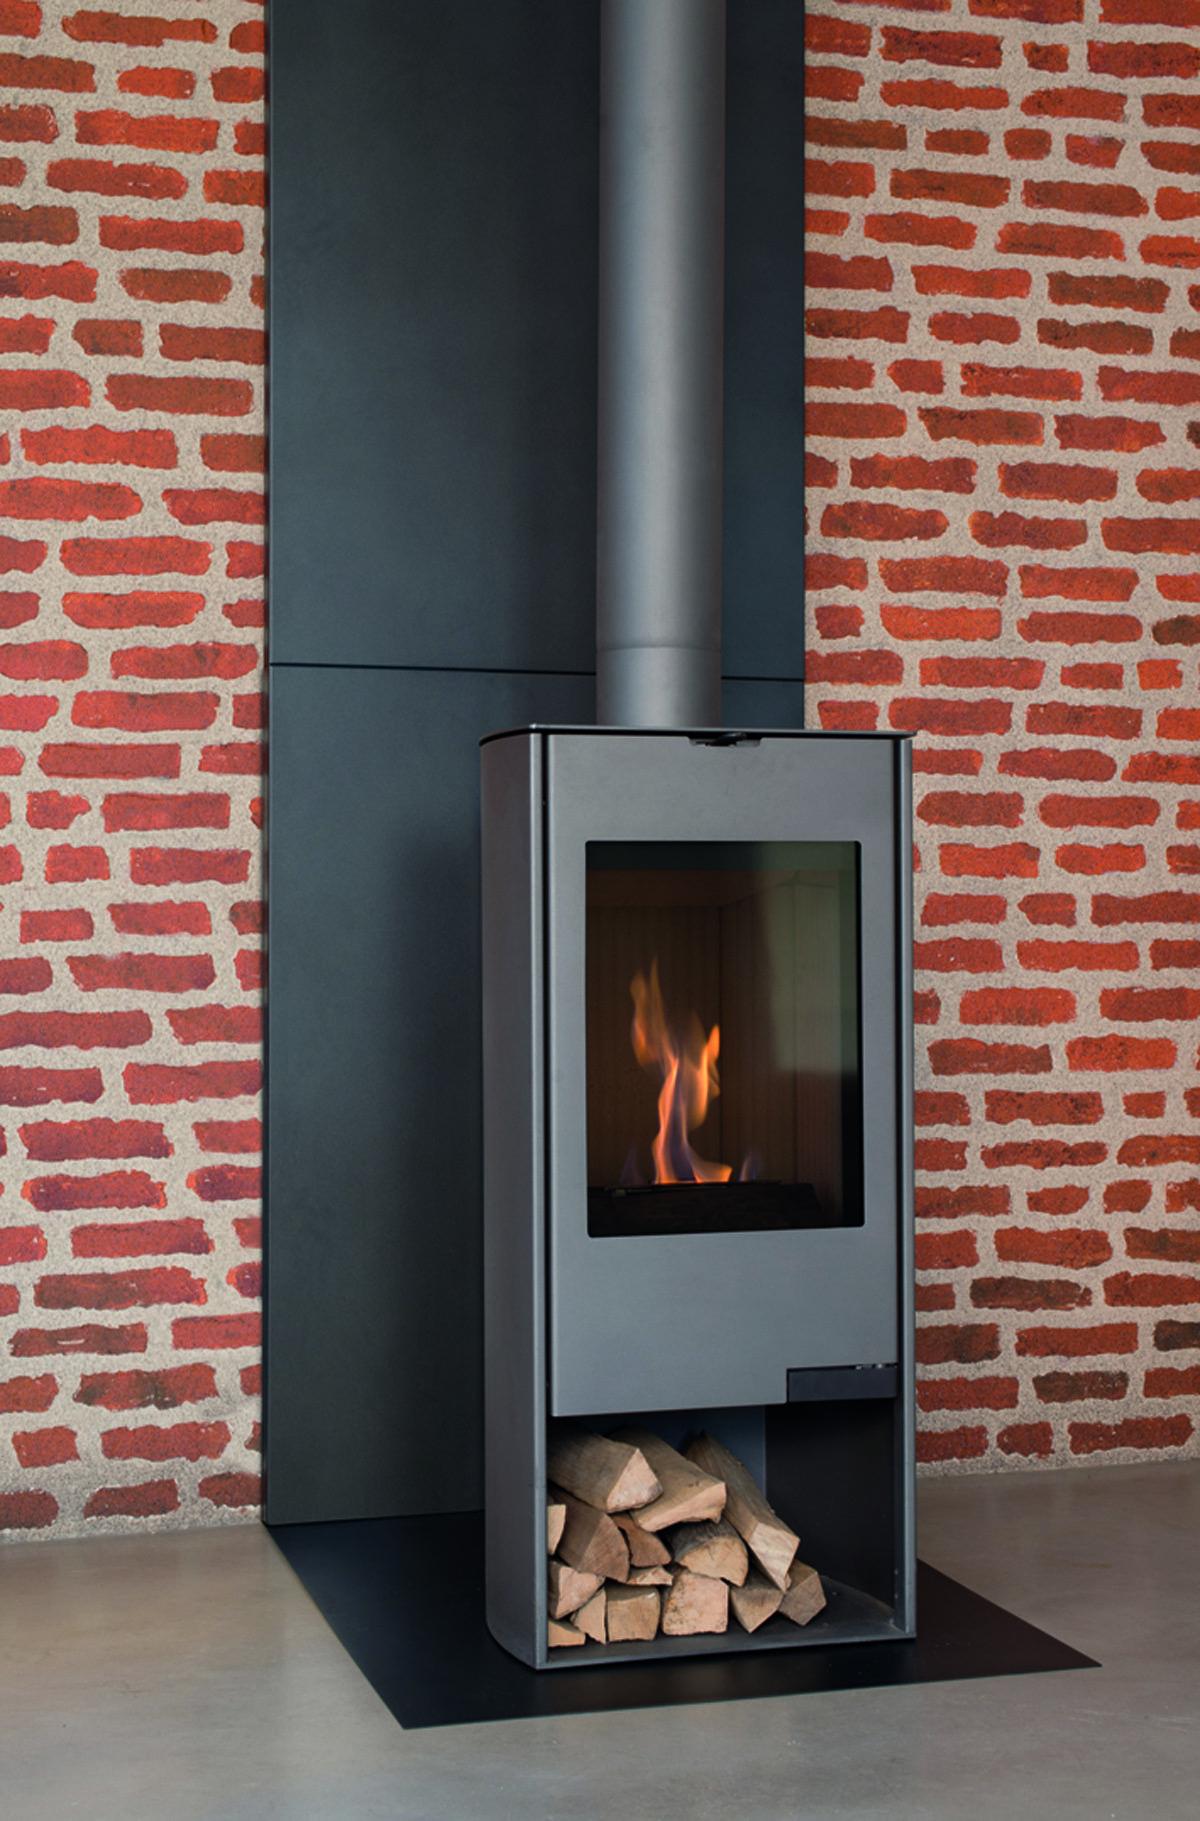 Panisol Heat Shield Fireplace Heat Fireplace Wood Stove Heat